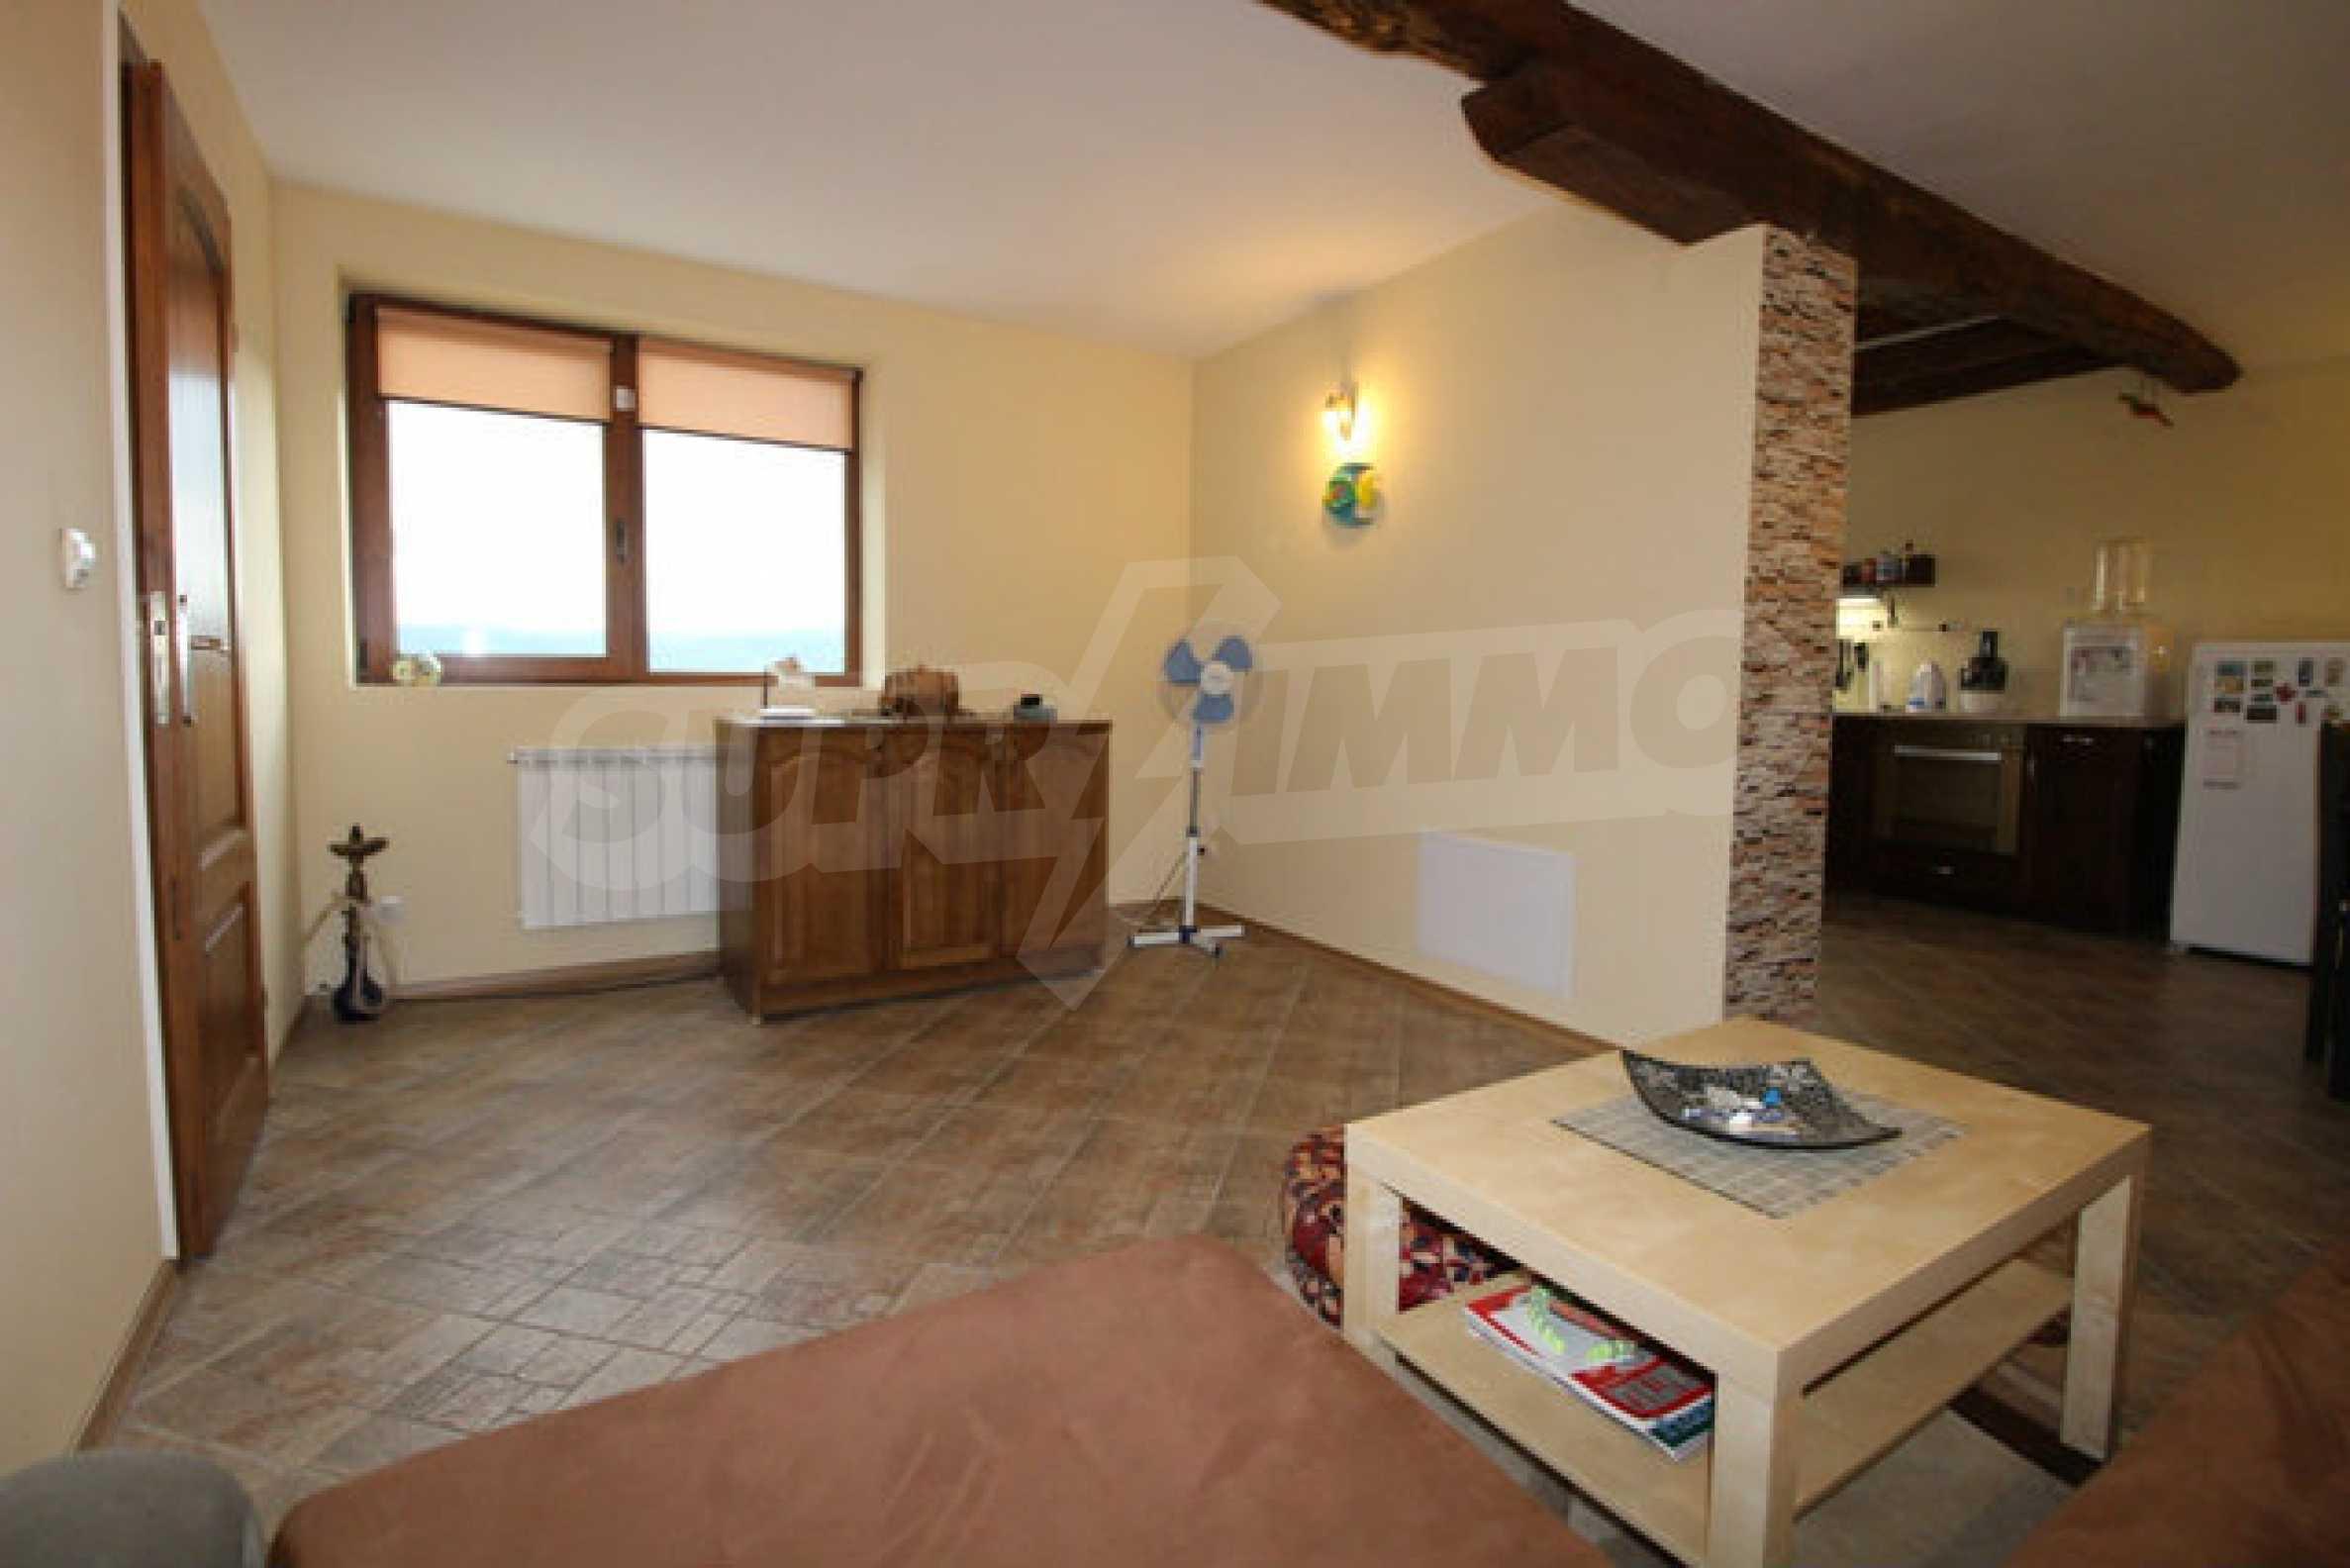 Реновирана двуетажна къща с двор само на 13 км от град Ловеч 35